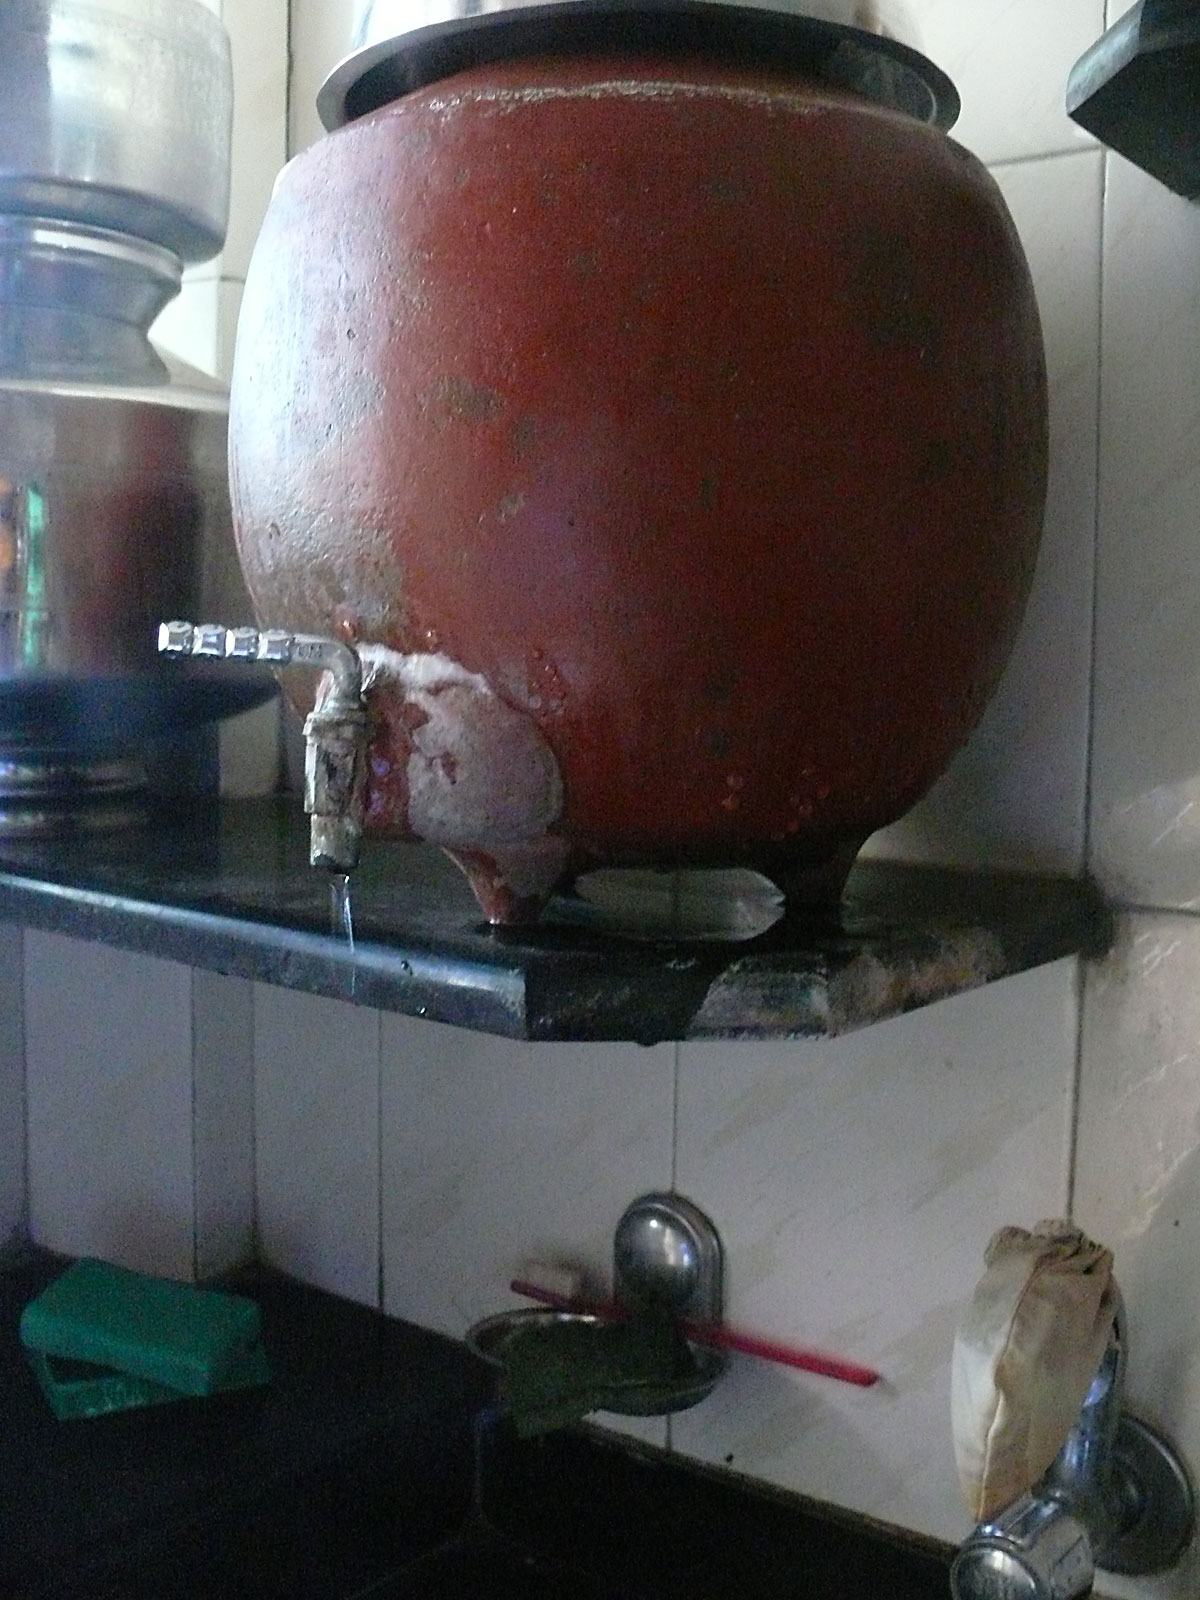 INDIEN MUMBAI Menschen Wohnen FINEST-onTour P1030374.jpg